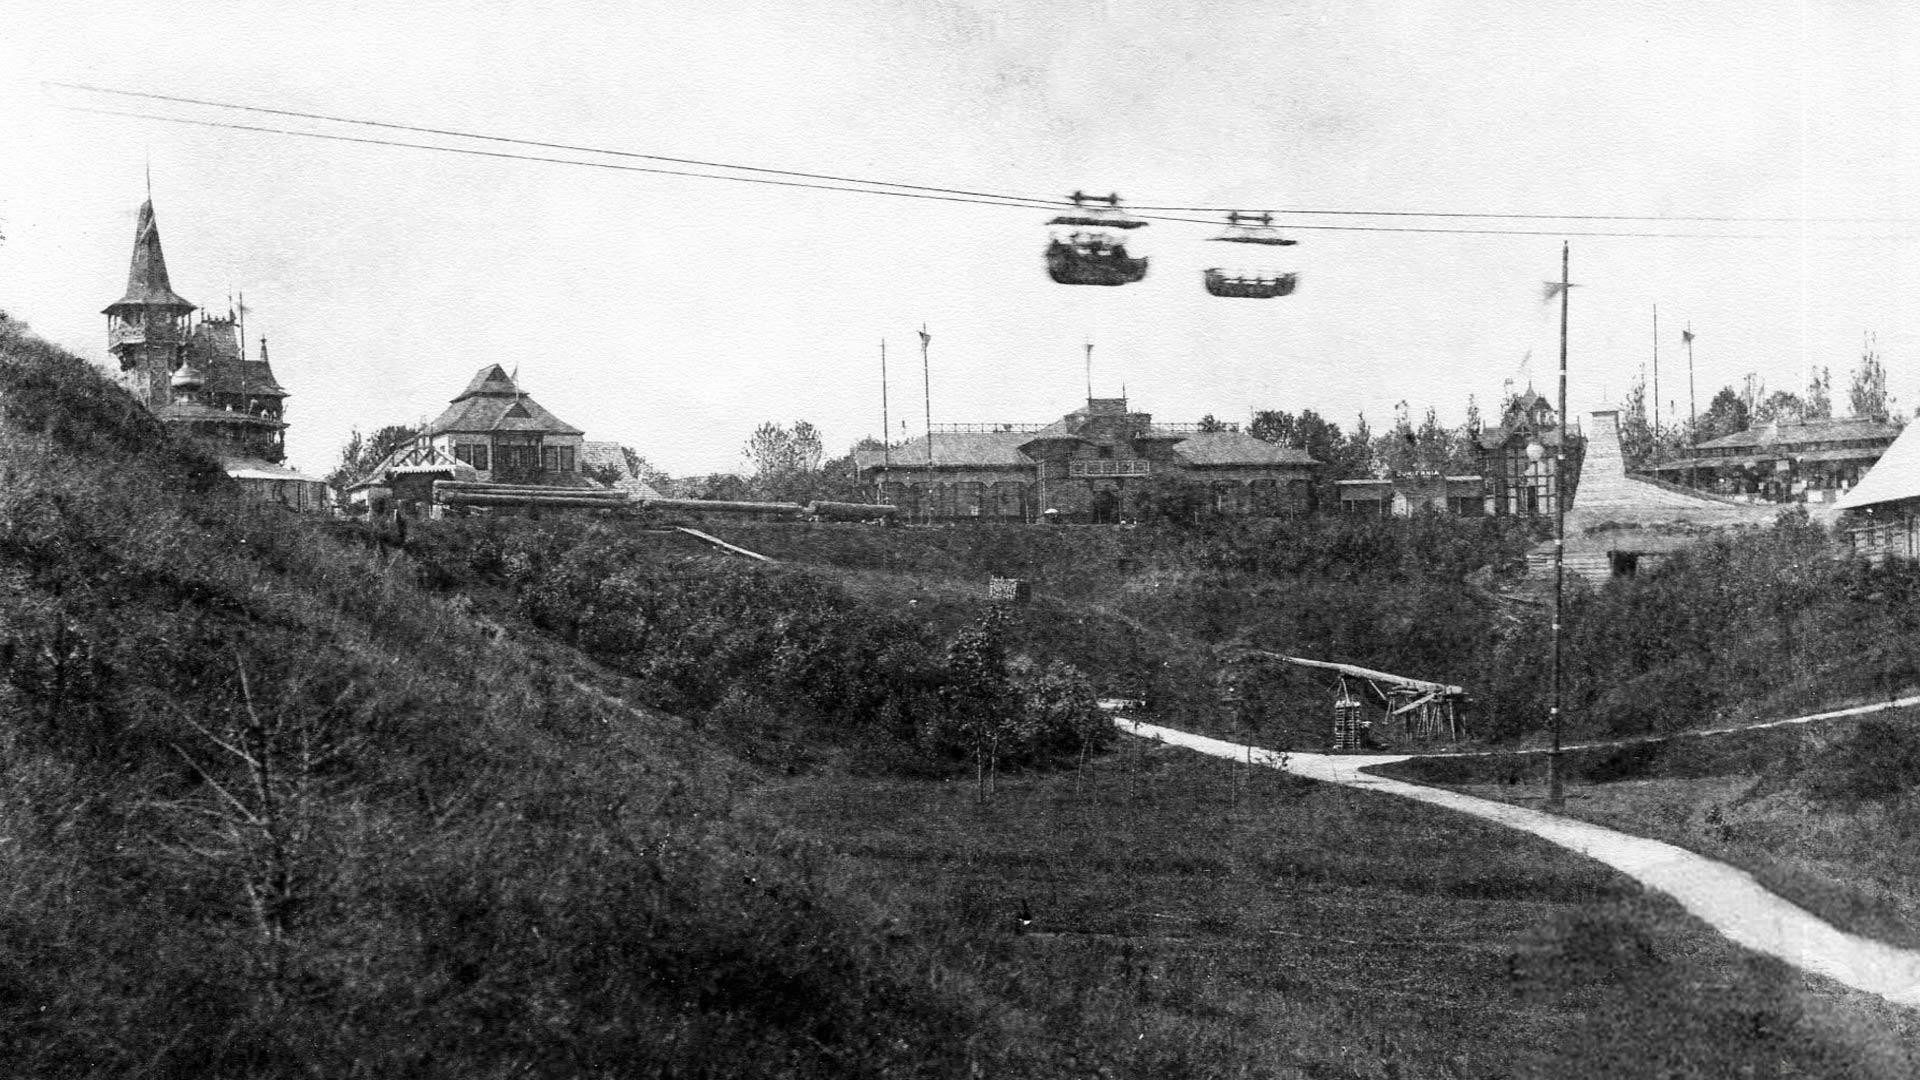 Kolejka linowa we Lwowie w 1894 roku. Zapomniana atrakcja Powszechnej Wystawy Krajowej